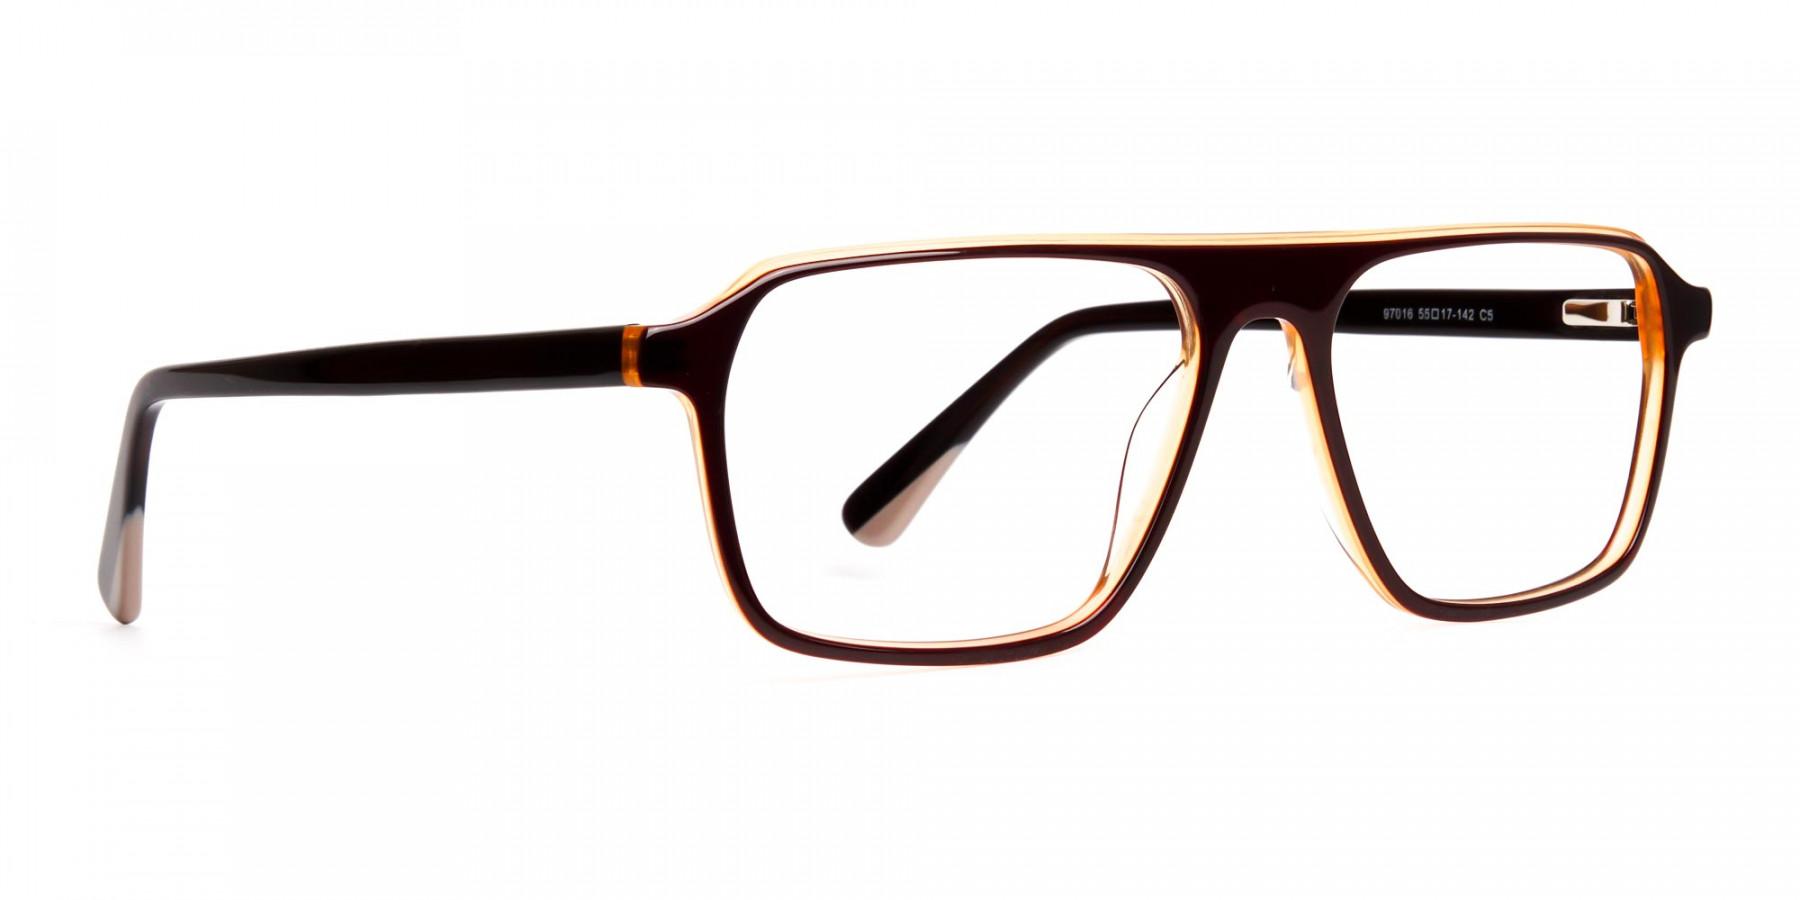 Brown-and-Black-Rectangular-Full-Rim-Glasses-frames-1